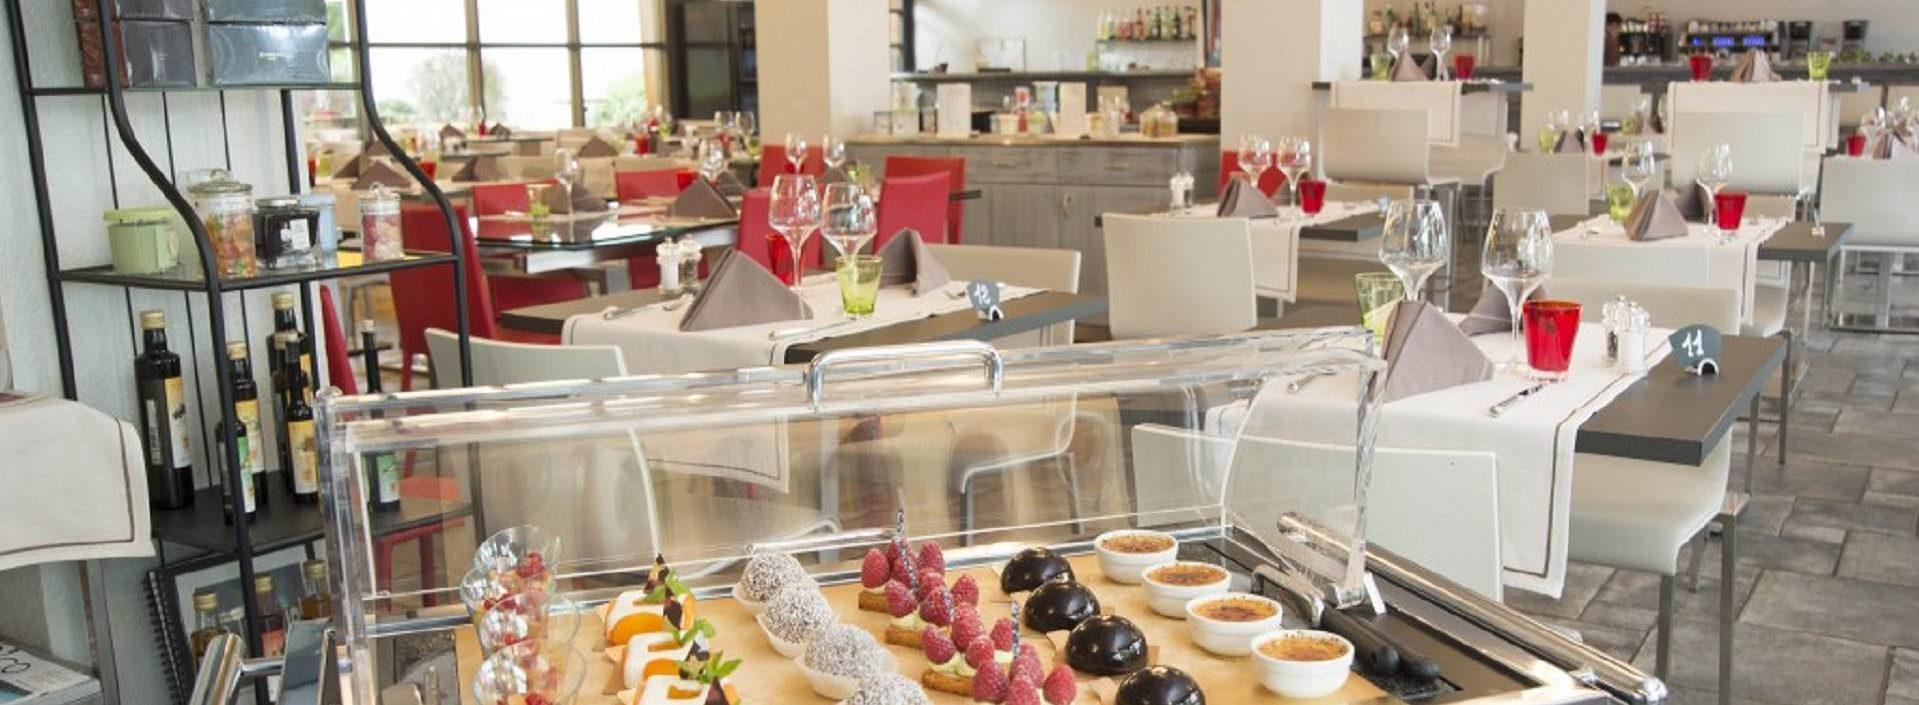 Le restaurant aux acacias le Trinquet a Genève, aux Acacias, et son chariot de dessert